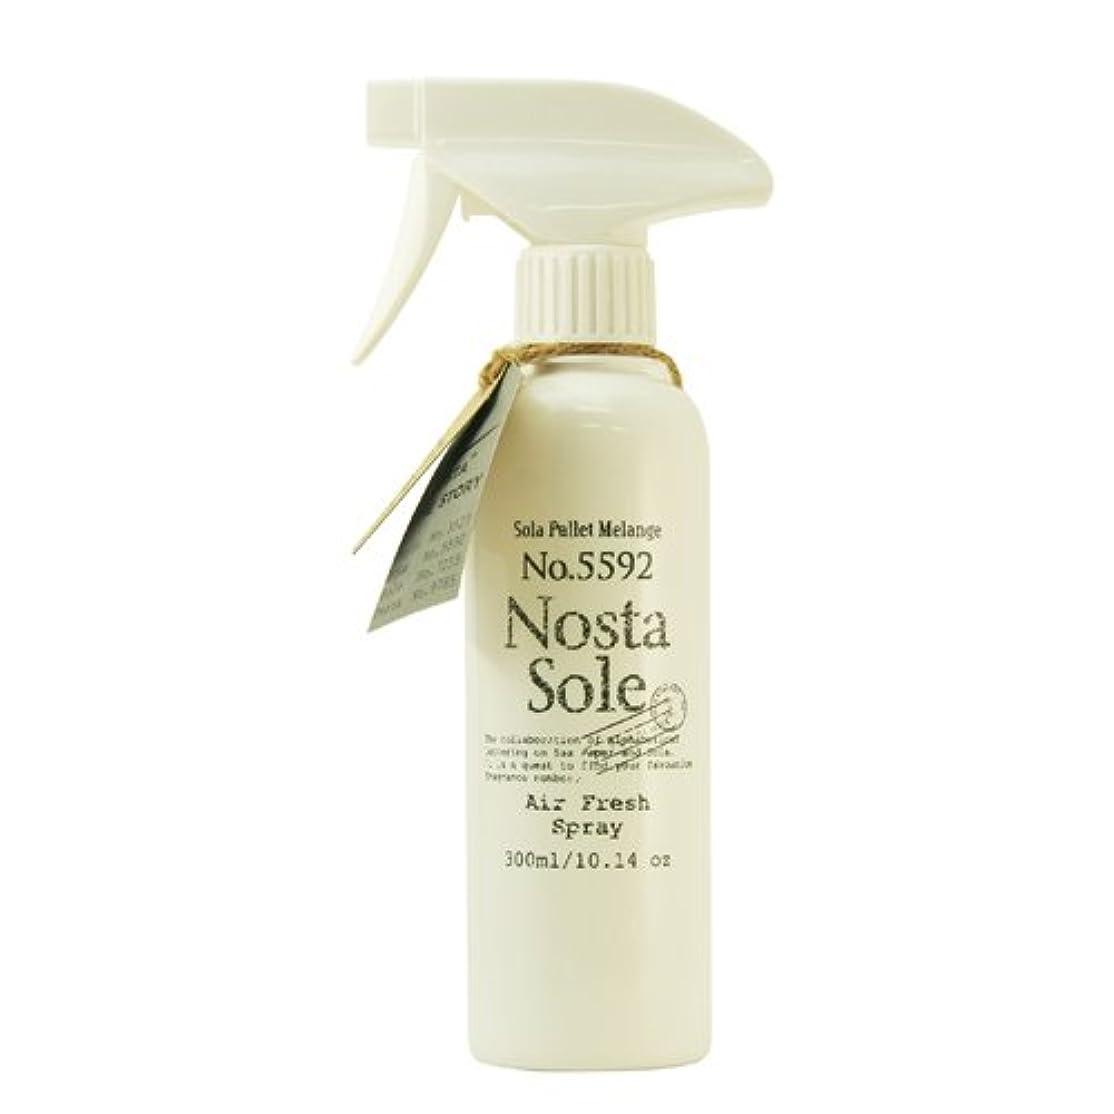 満員もっともらしい夜間Nosta ノスタ Air Fresh Spray エアーフレッシュスプレー(ルームスプレー)Sole ソーレ / 太陽